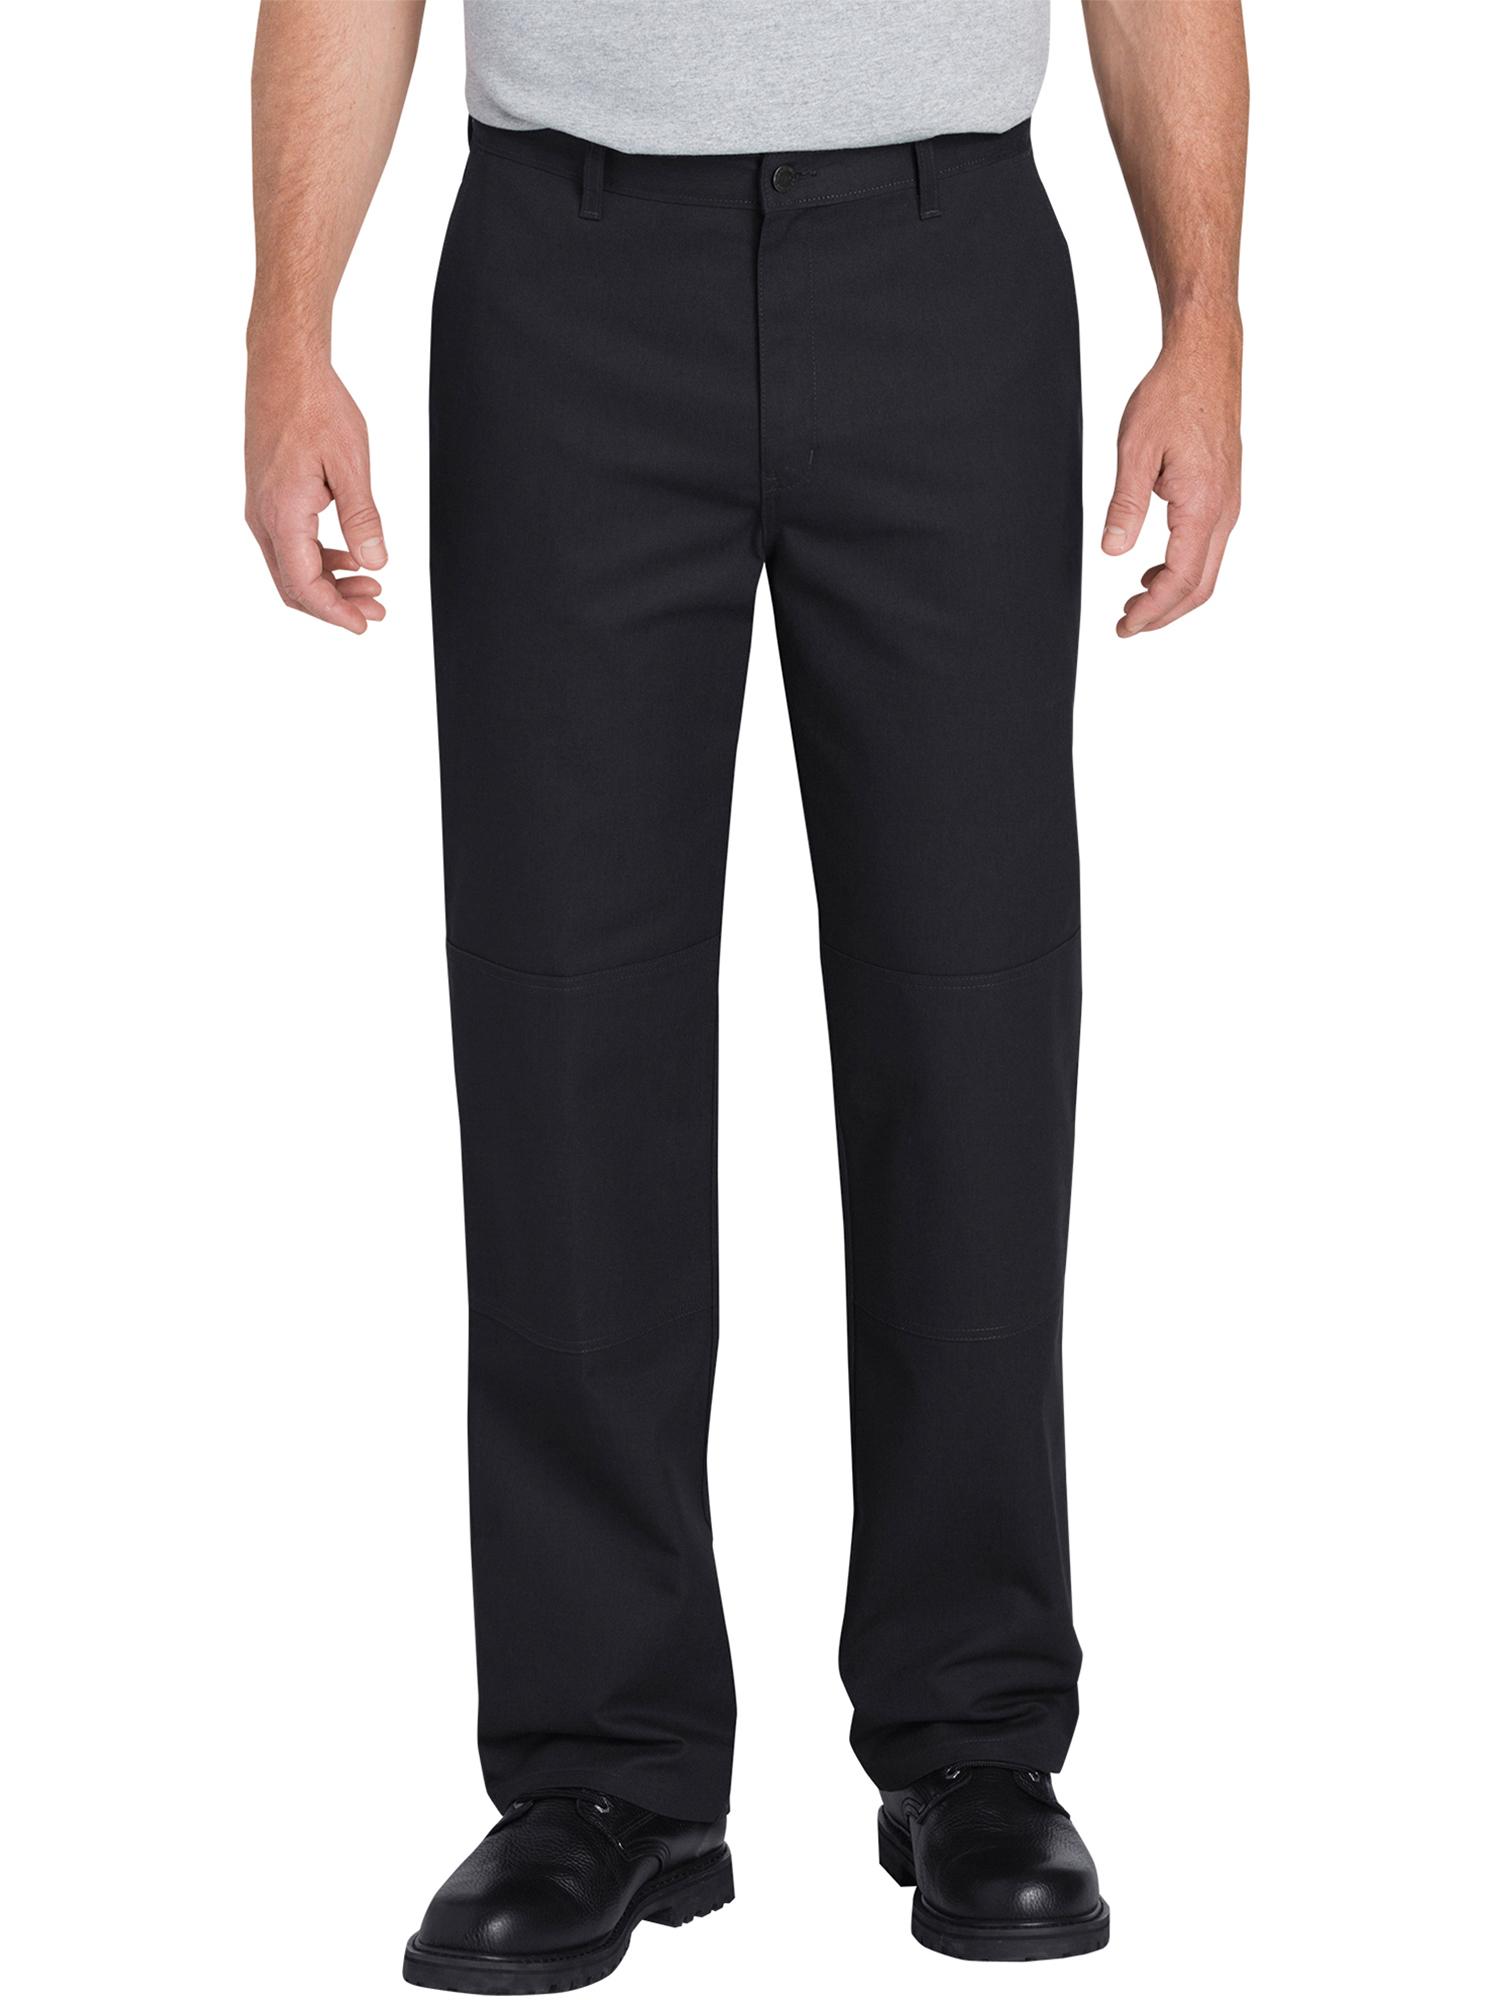 Men's Flex Double Knee Pant